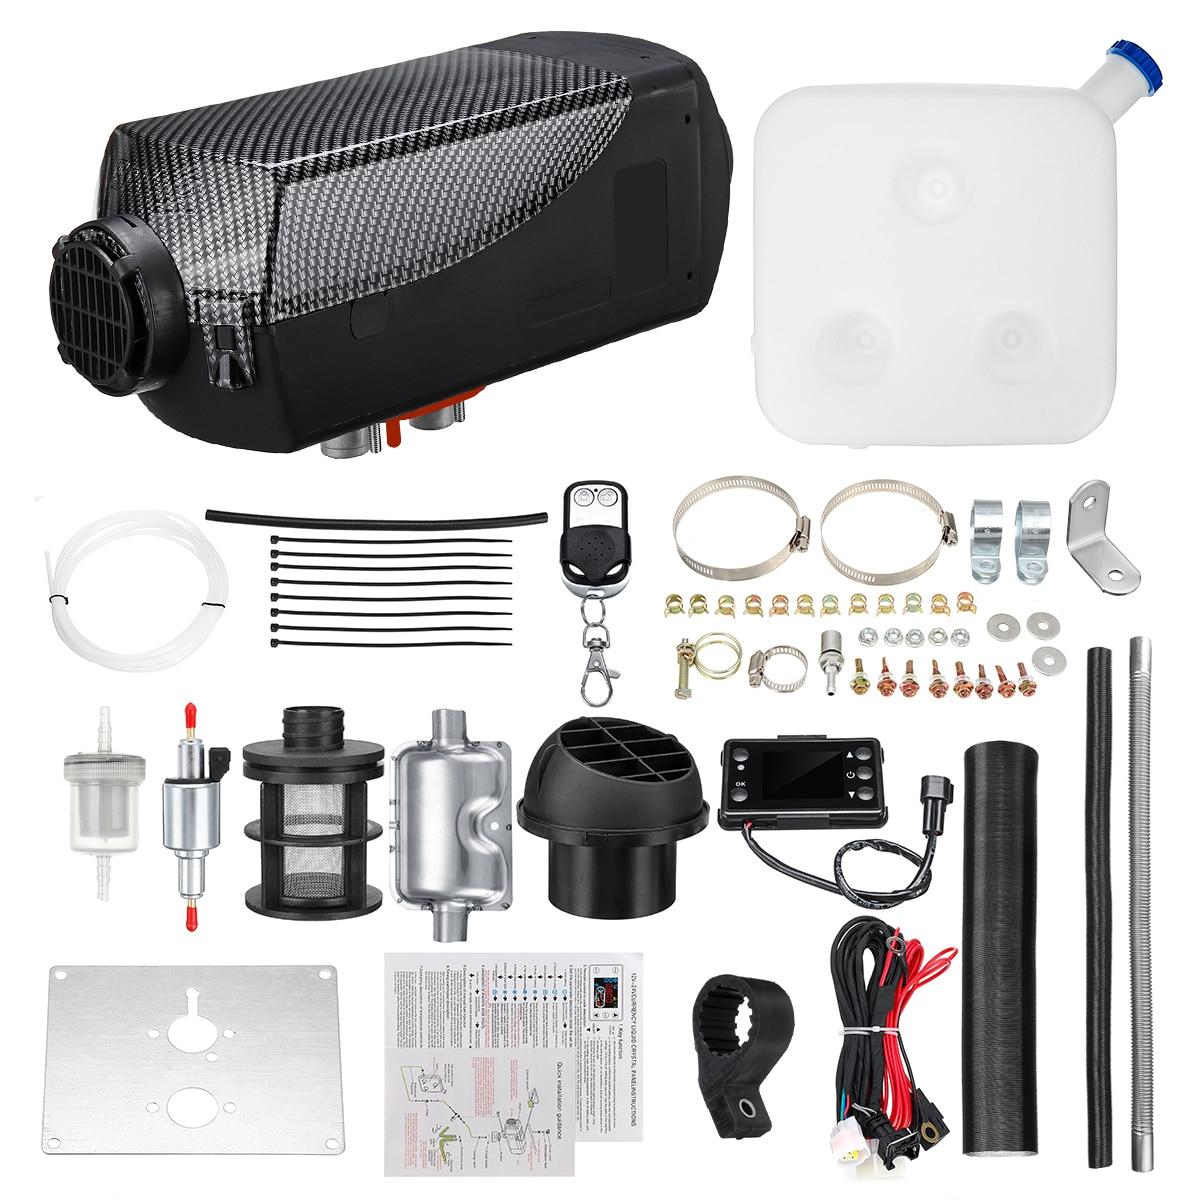 Diesel Riscaldatore Ad Aria 5KW 12 V Planare LCD Per I Camion Auto Barche A motore Case Ultime Kit Monitor per CAMPER camper Rimorchio Con Telecomando - 5